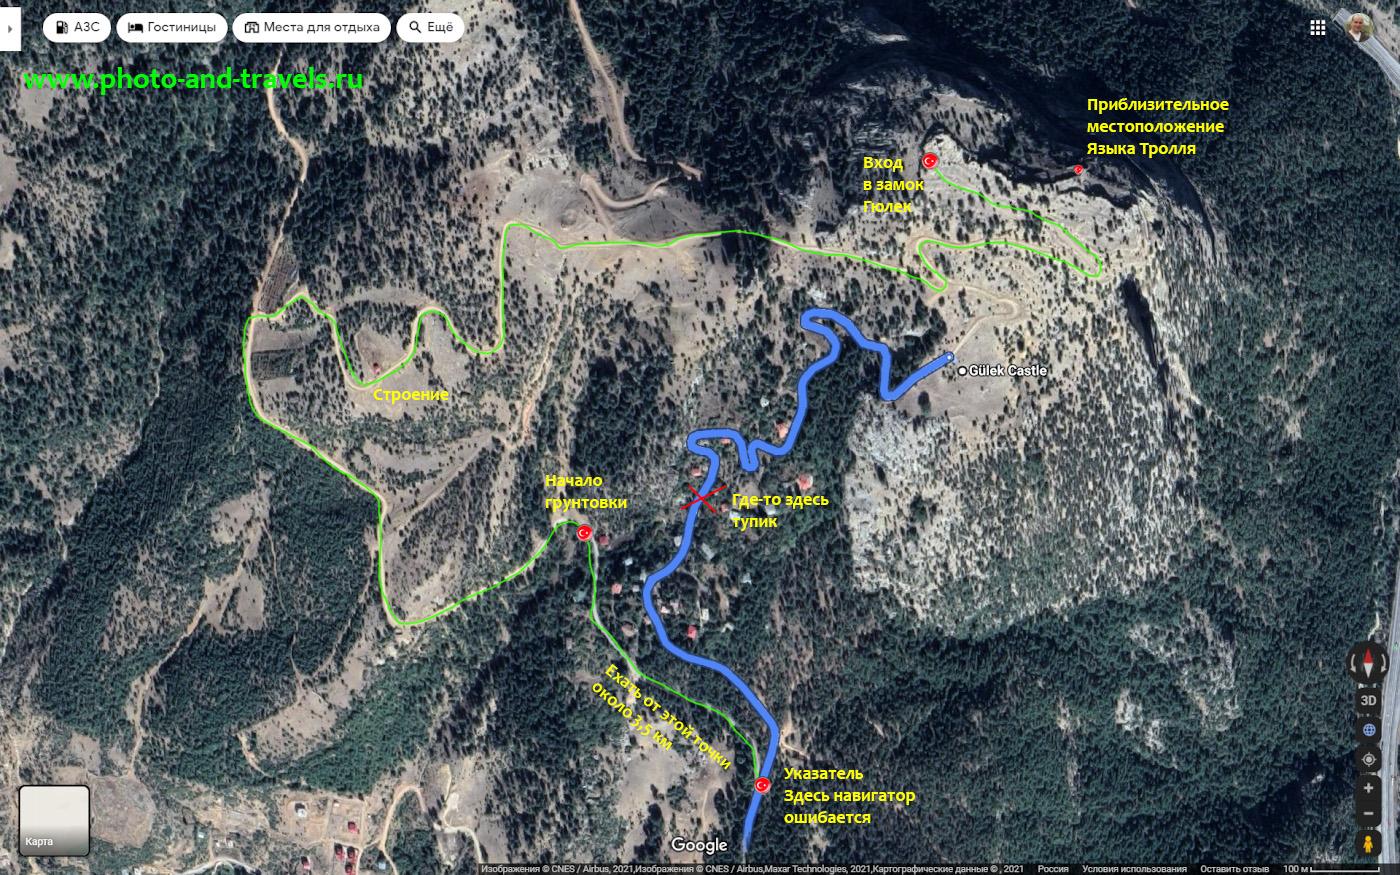 4. Карта со схемой проезда по грунтовой дороге к «Языку Тролля» у замка Гюлек (Gülek Kalesi).